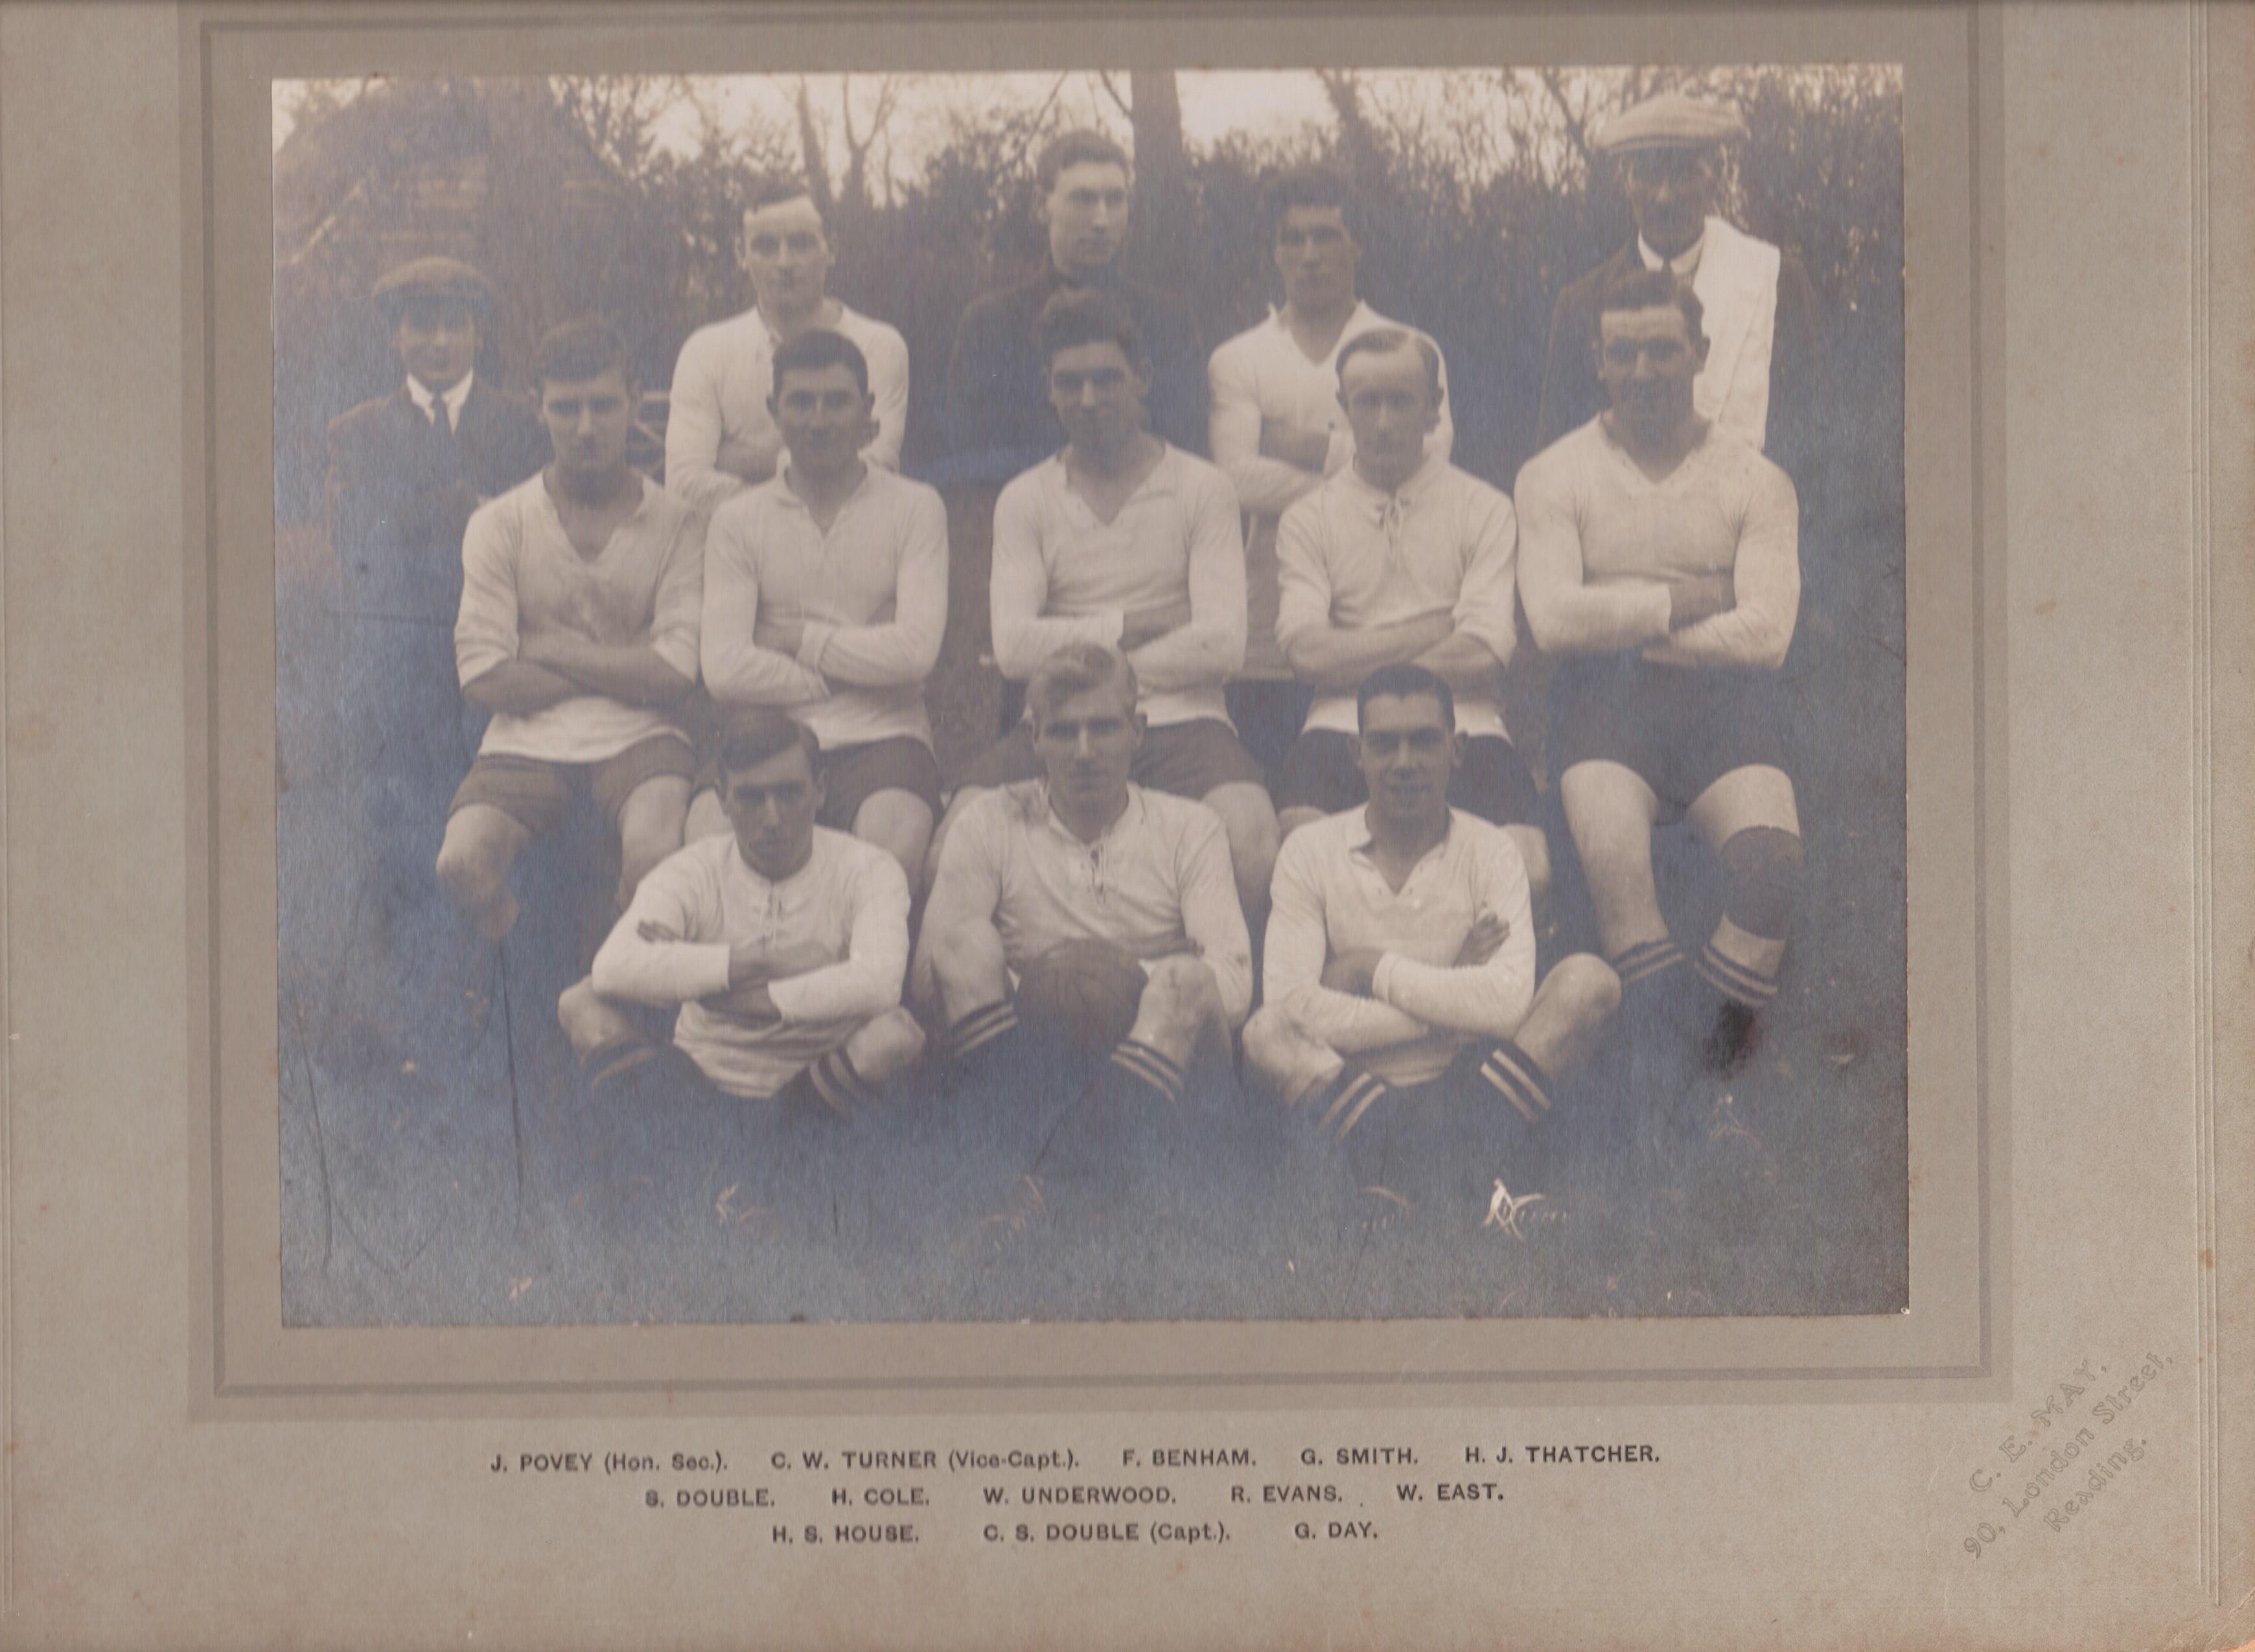 Spencers Wood Football Teams